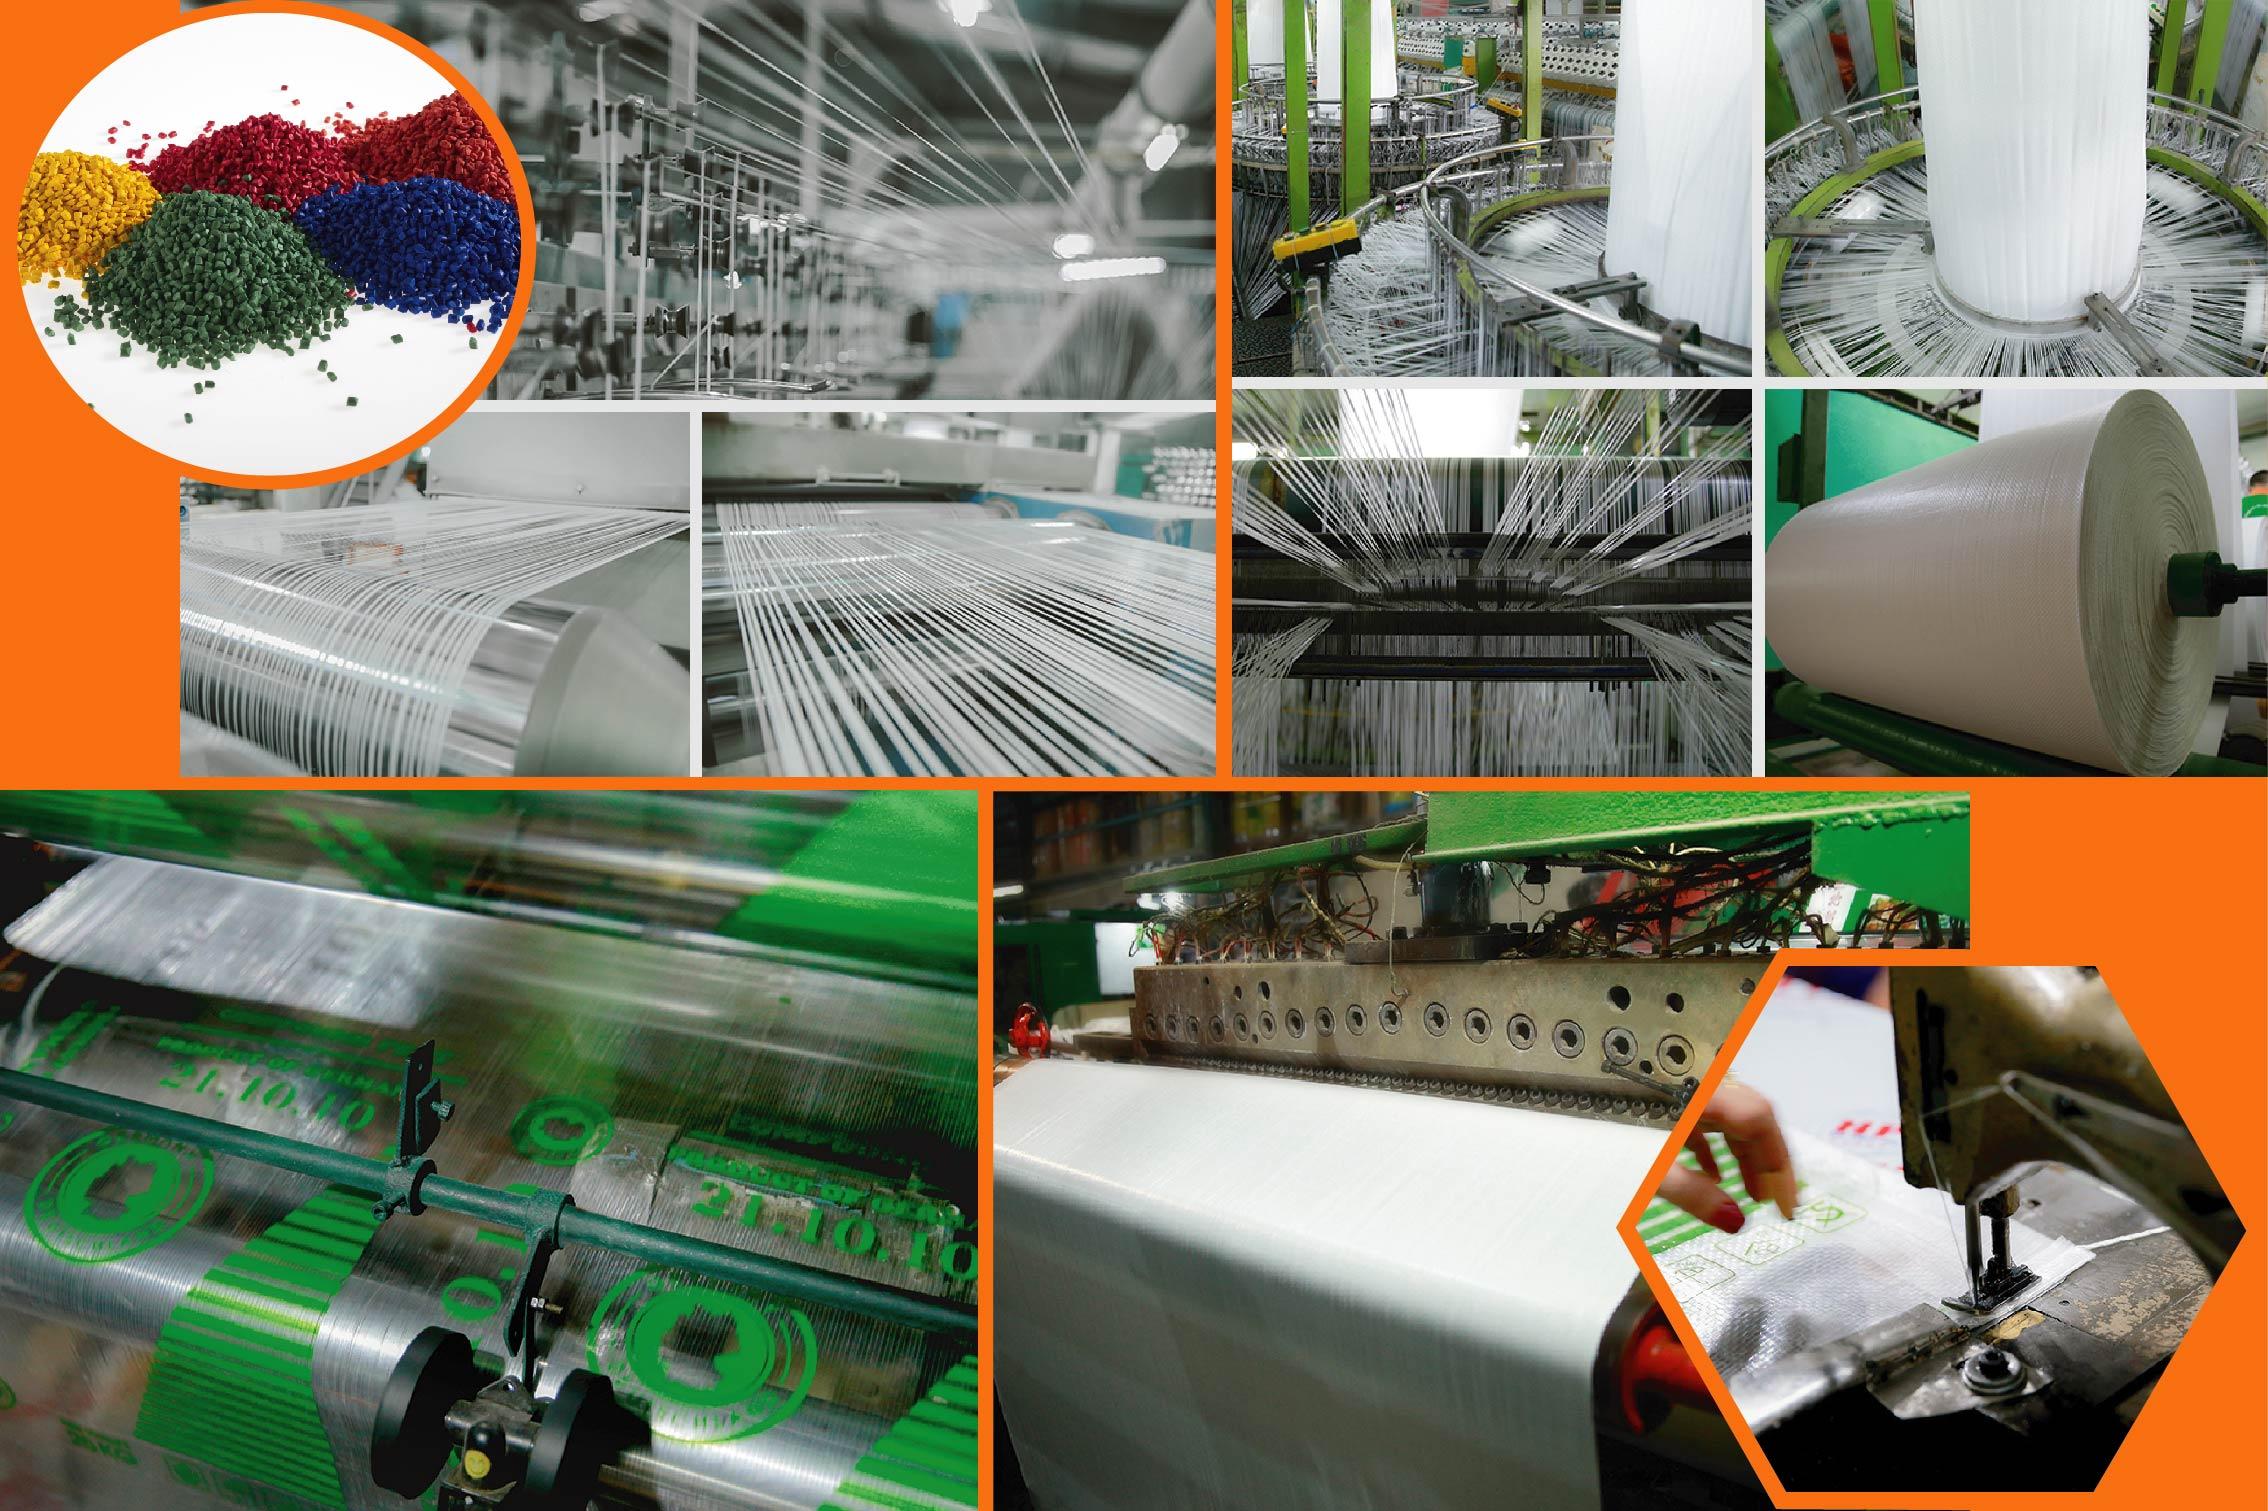 các công đoạn sản xuất của bao bì - bao đựng gạo